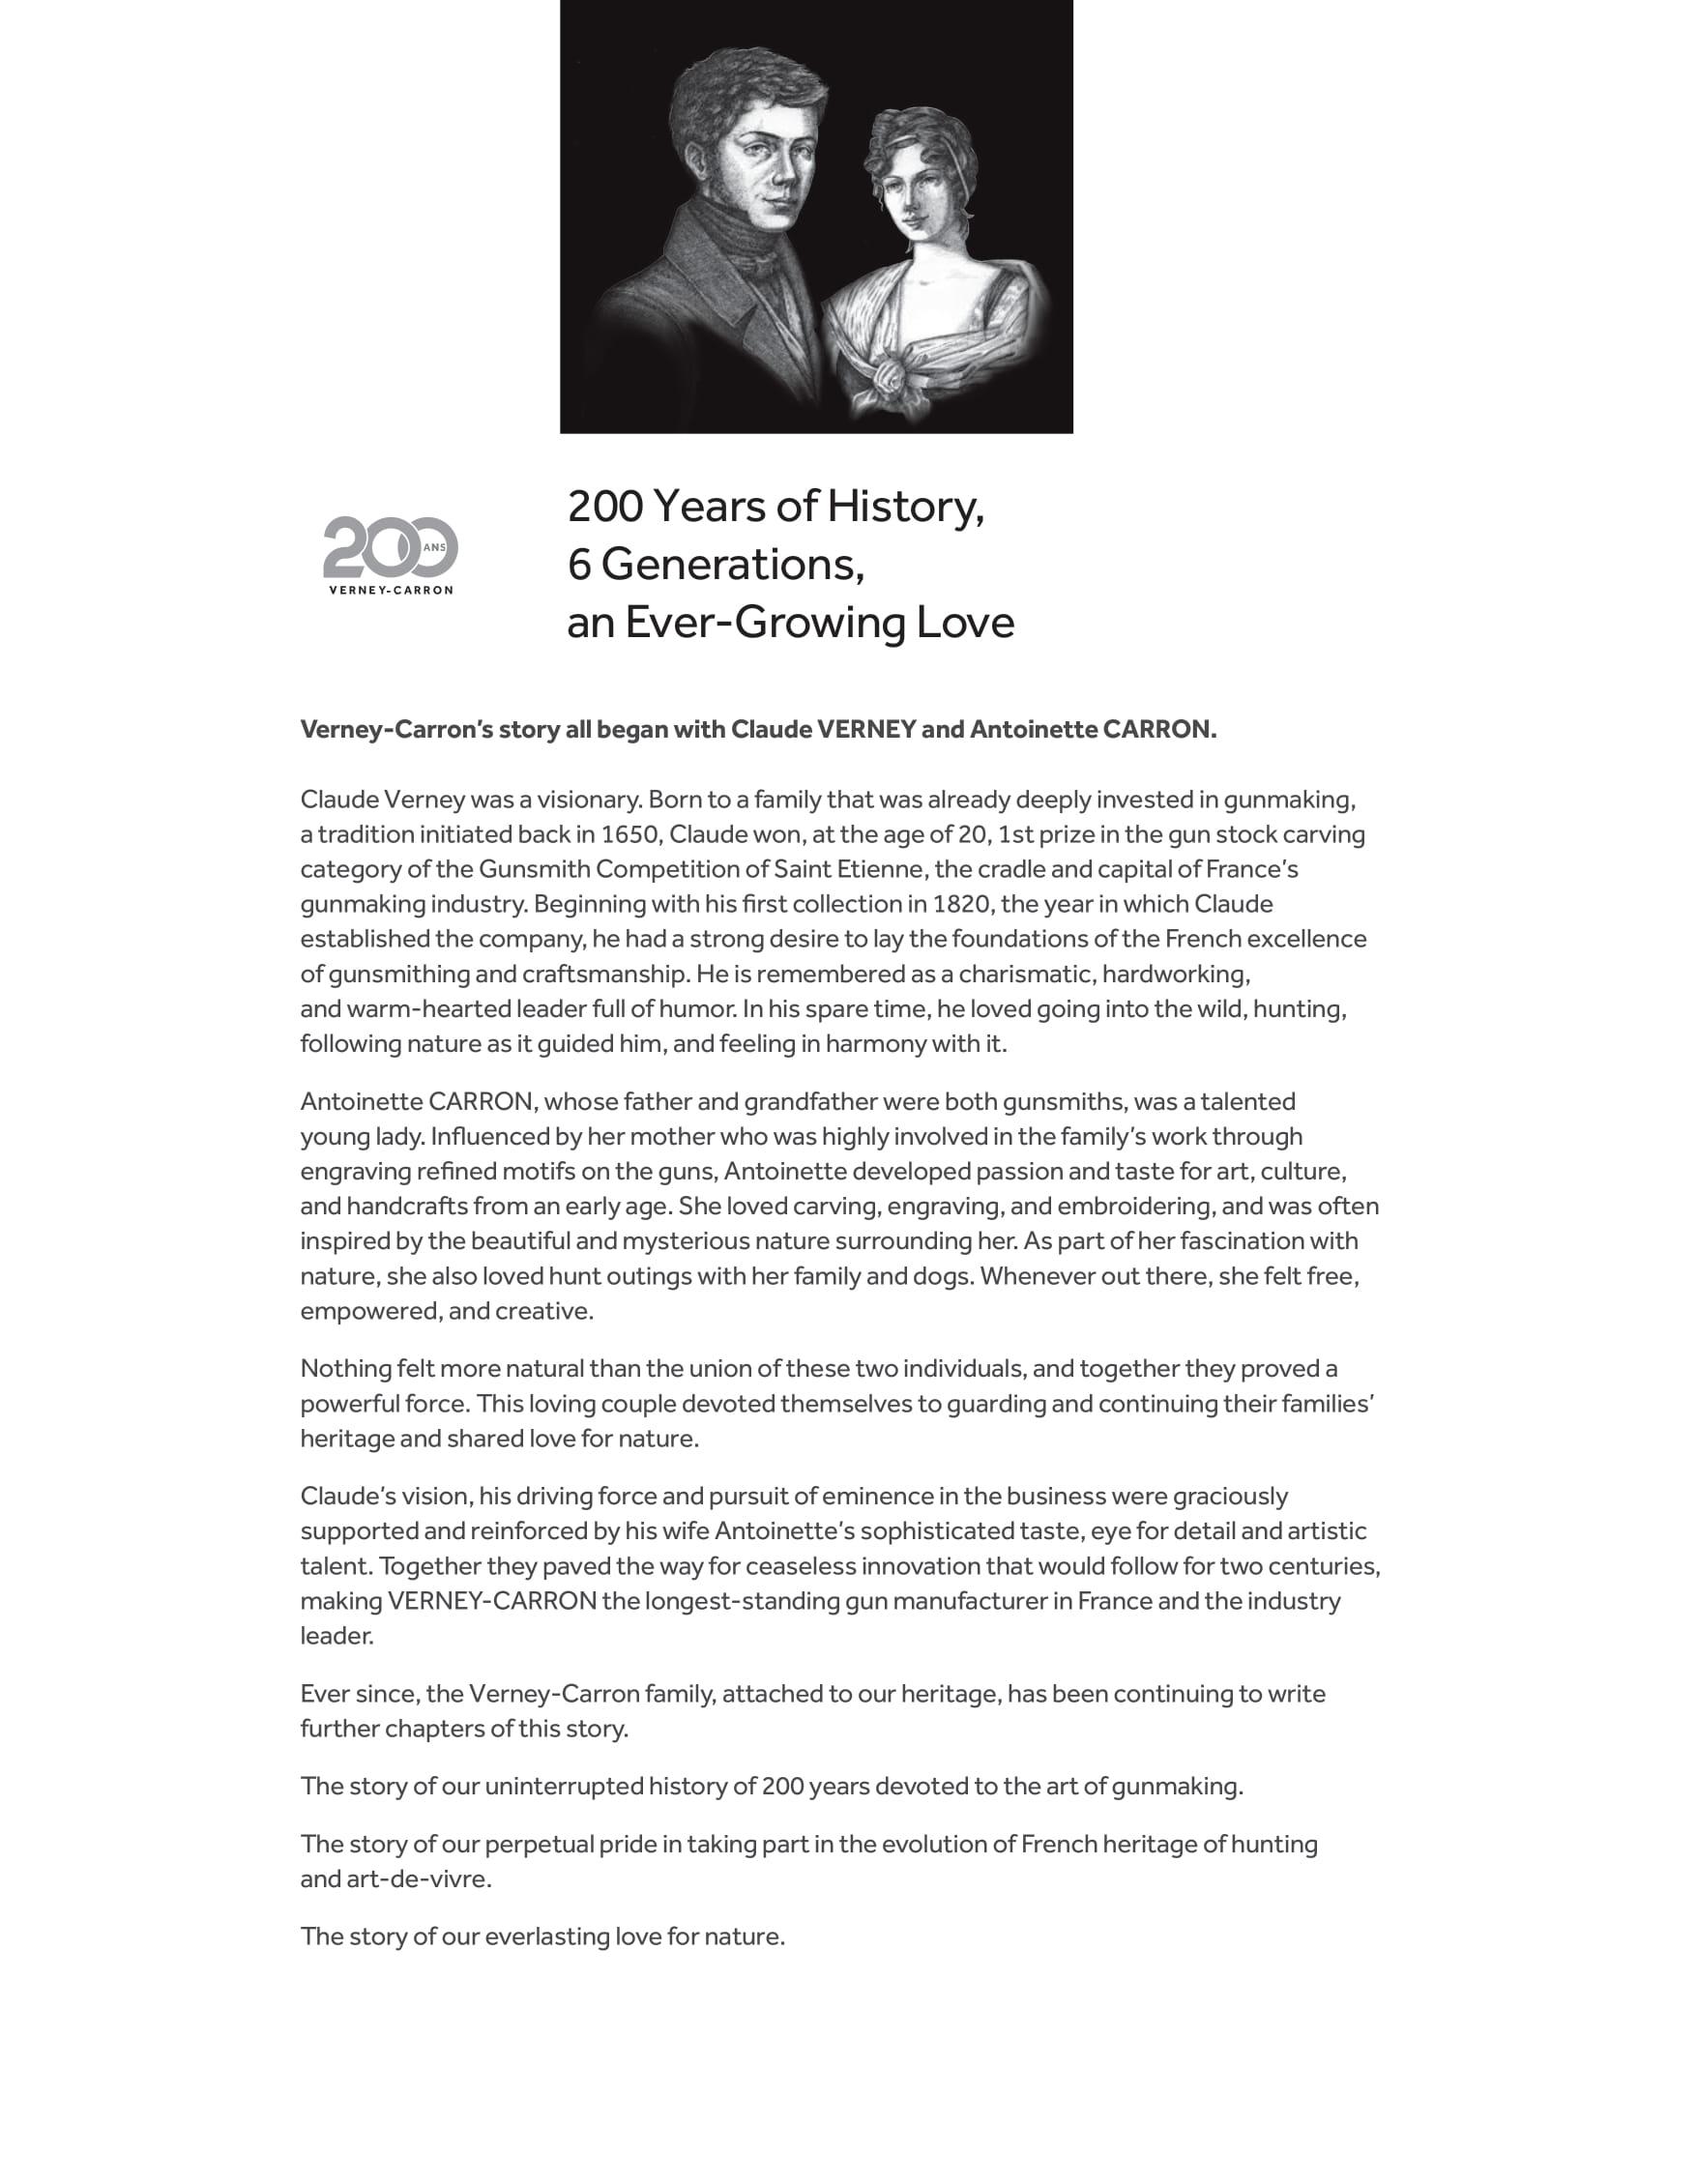 catalogue-2020-verney-carron-03.jpg